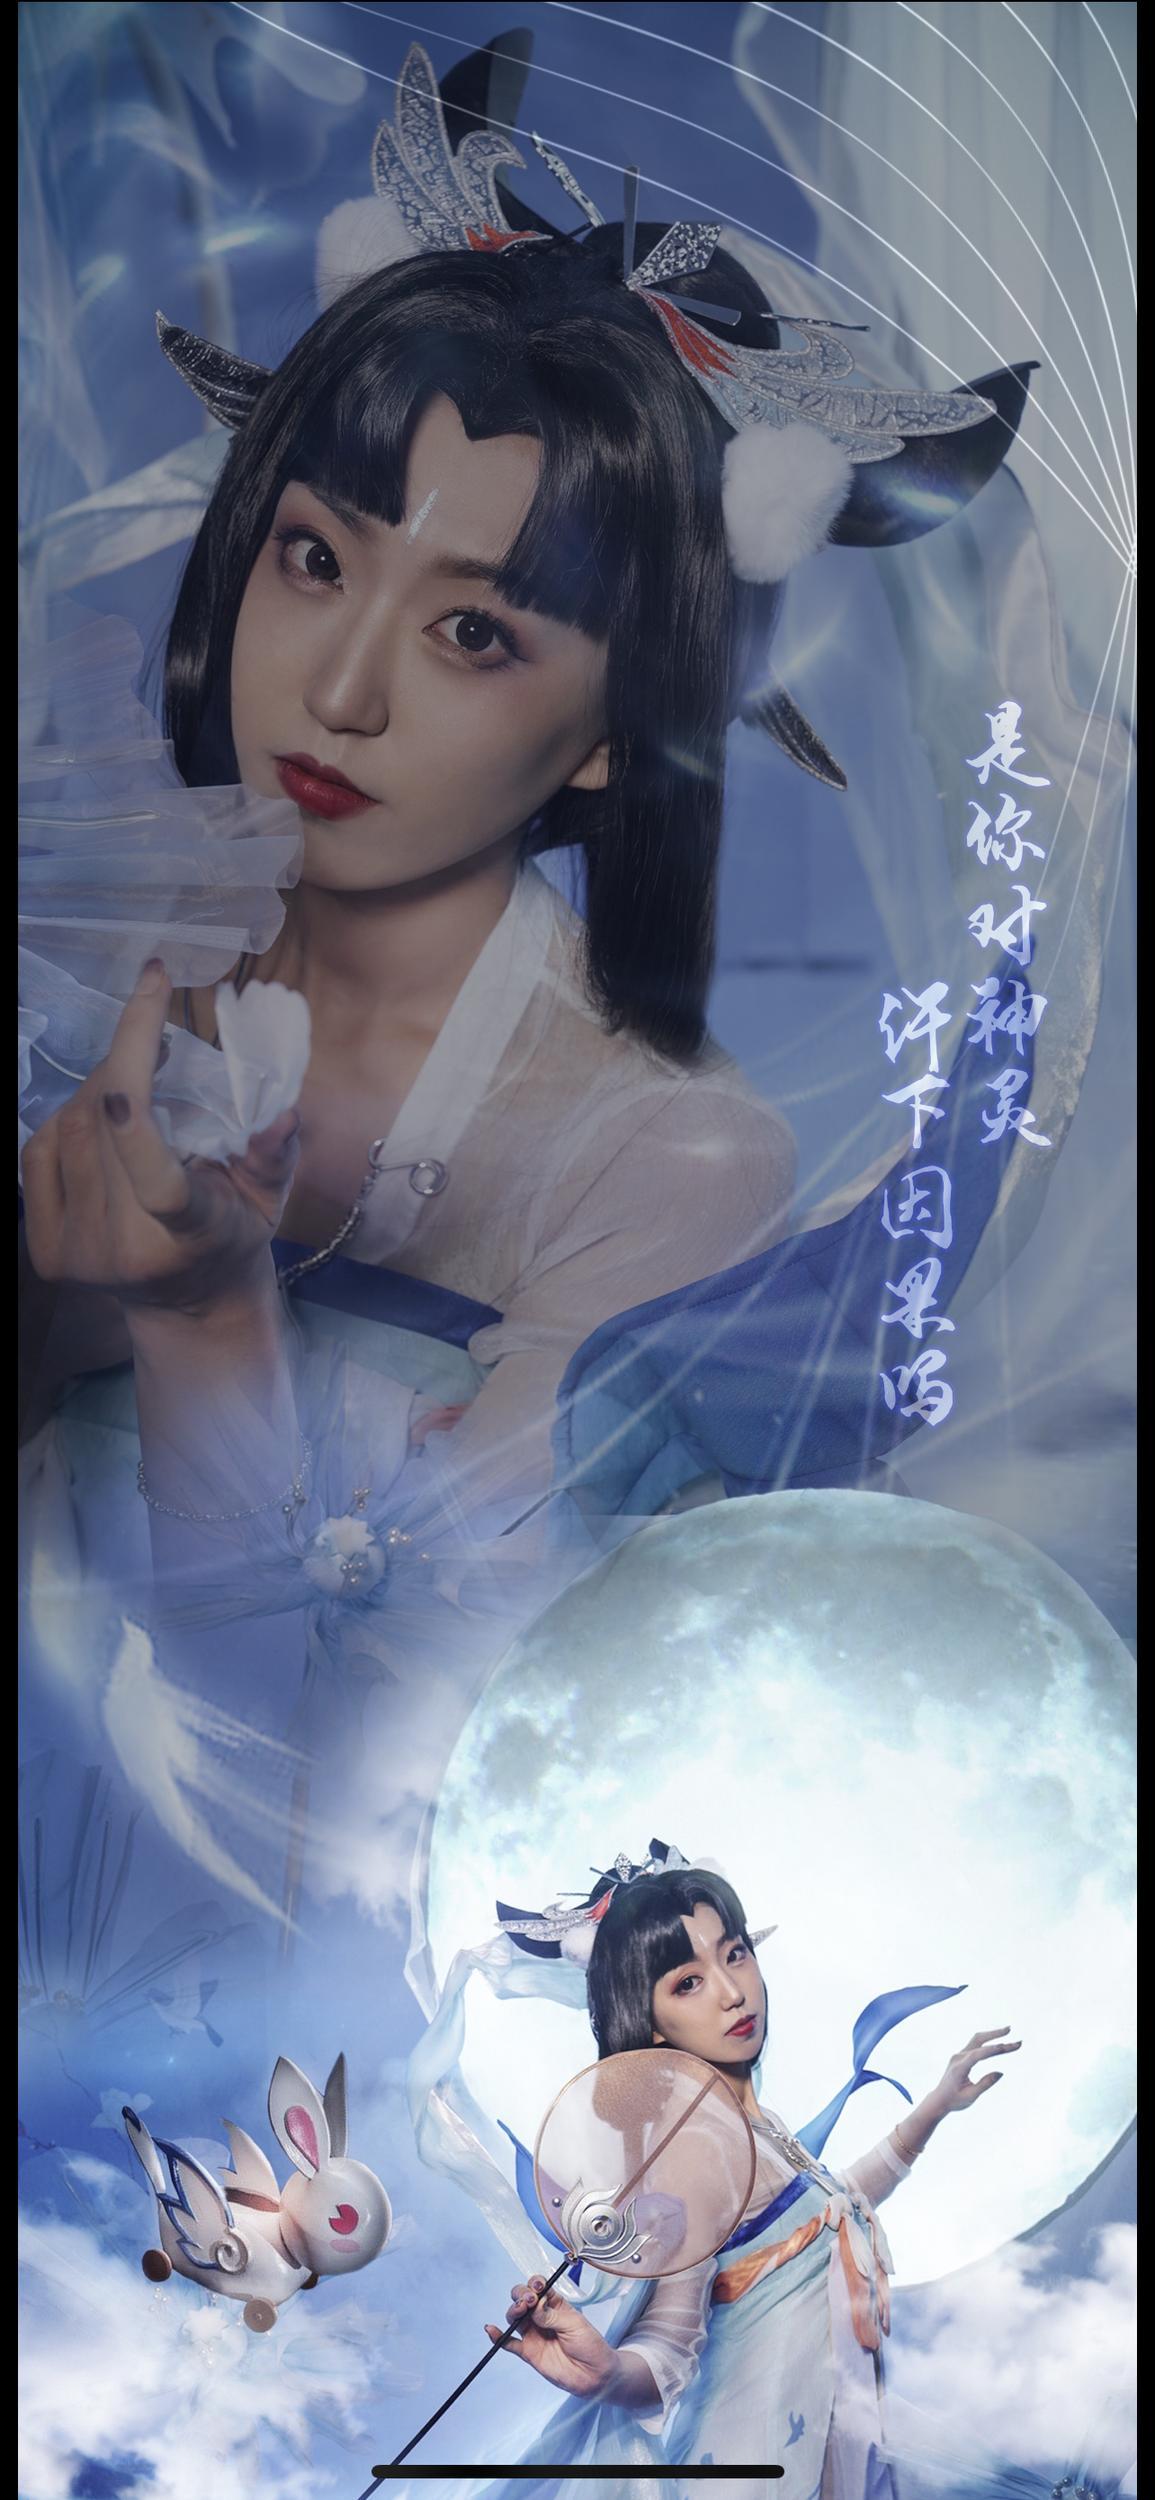 《王者荣耀》王者荣耀嫦娥cosplay【CN:婧子君今天不在_】 -cosplay动漫巨剑图片下载插图